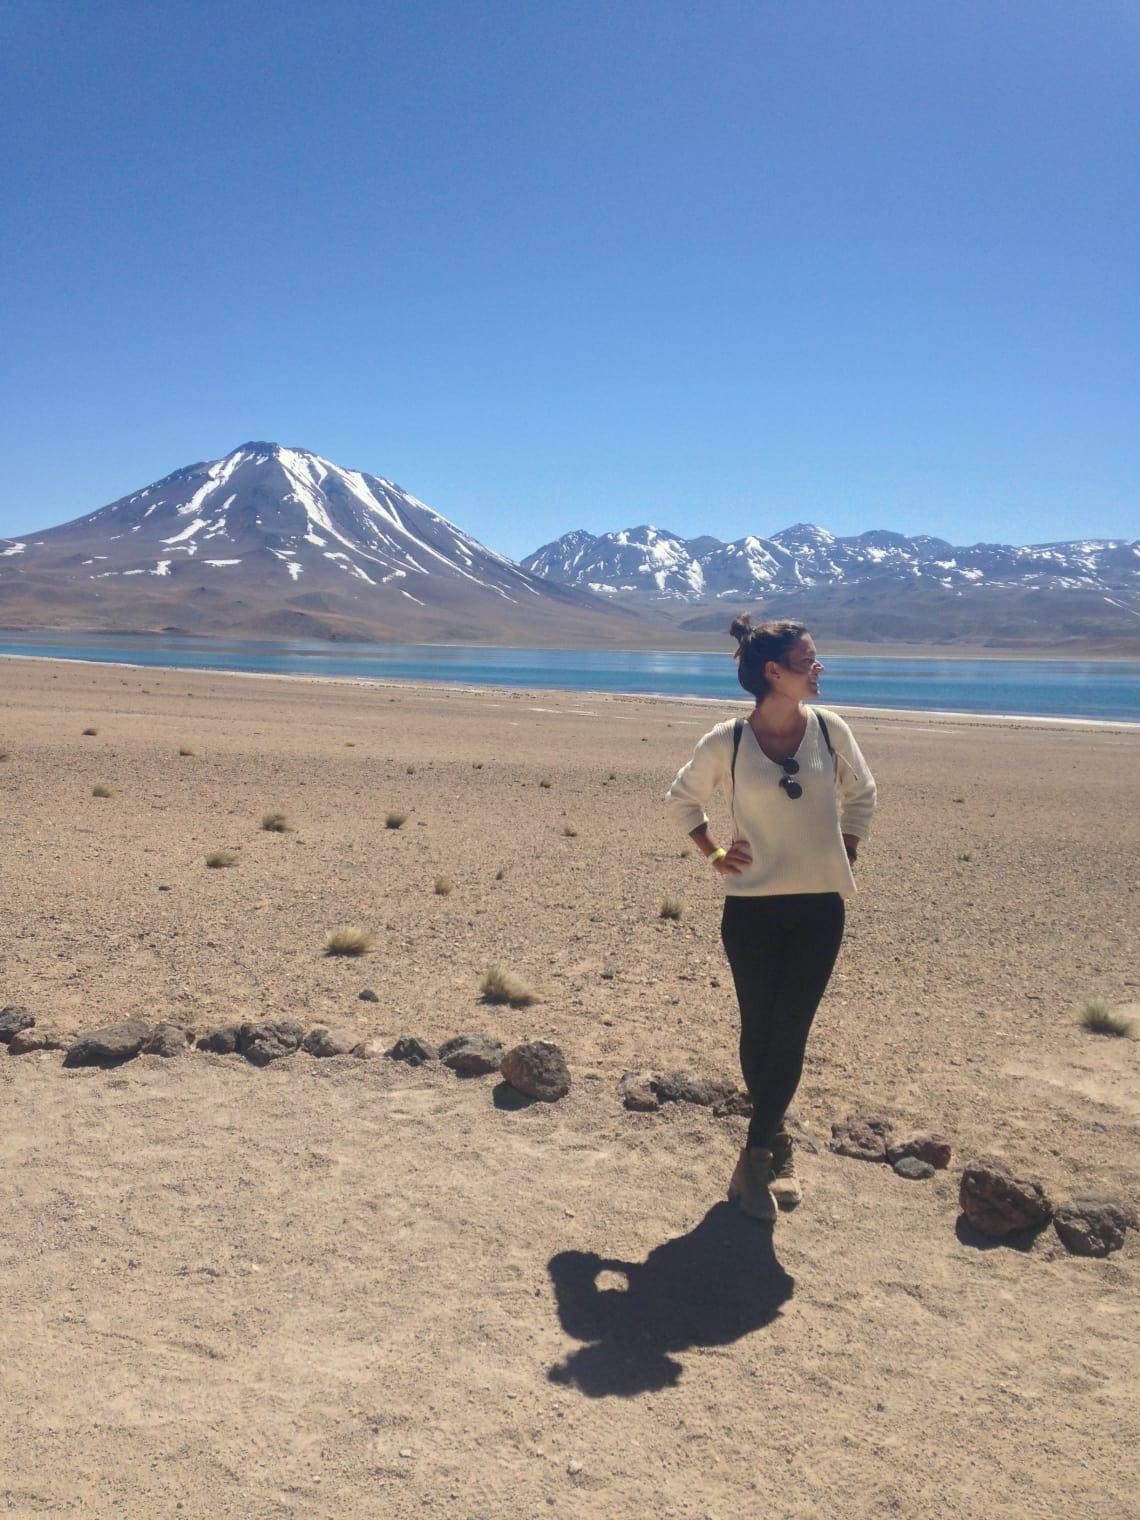 Dicas de como viajar barato para o Chile: Atacama